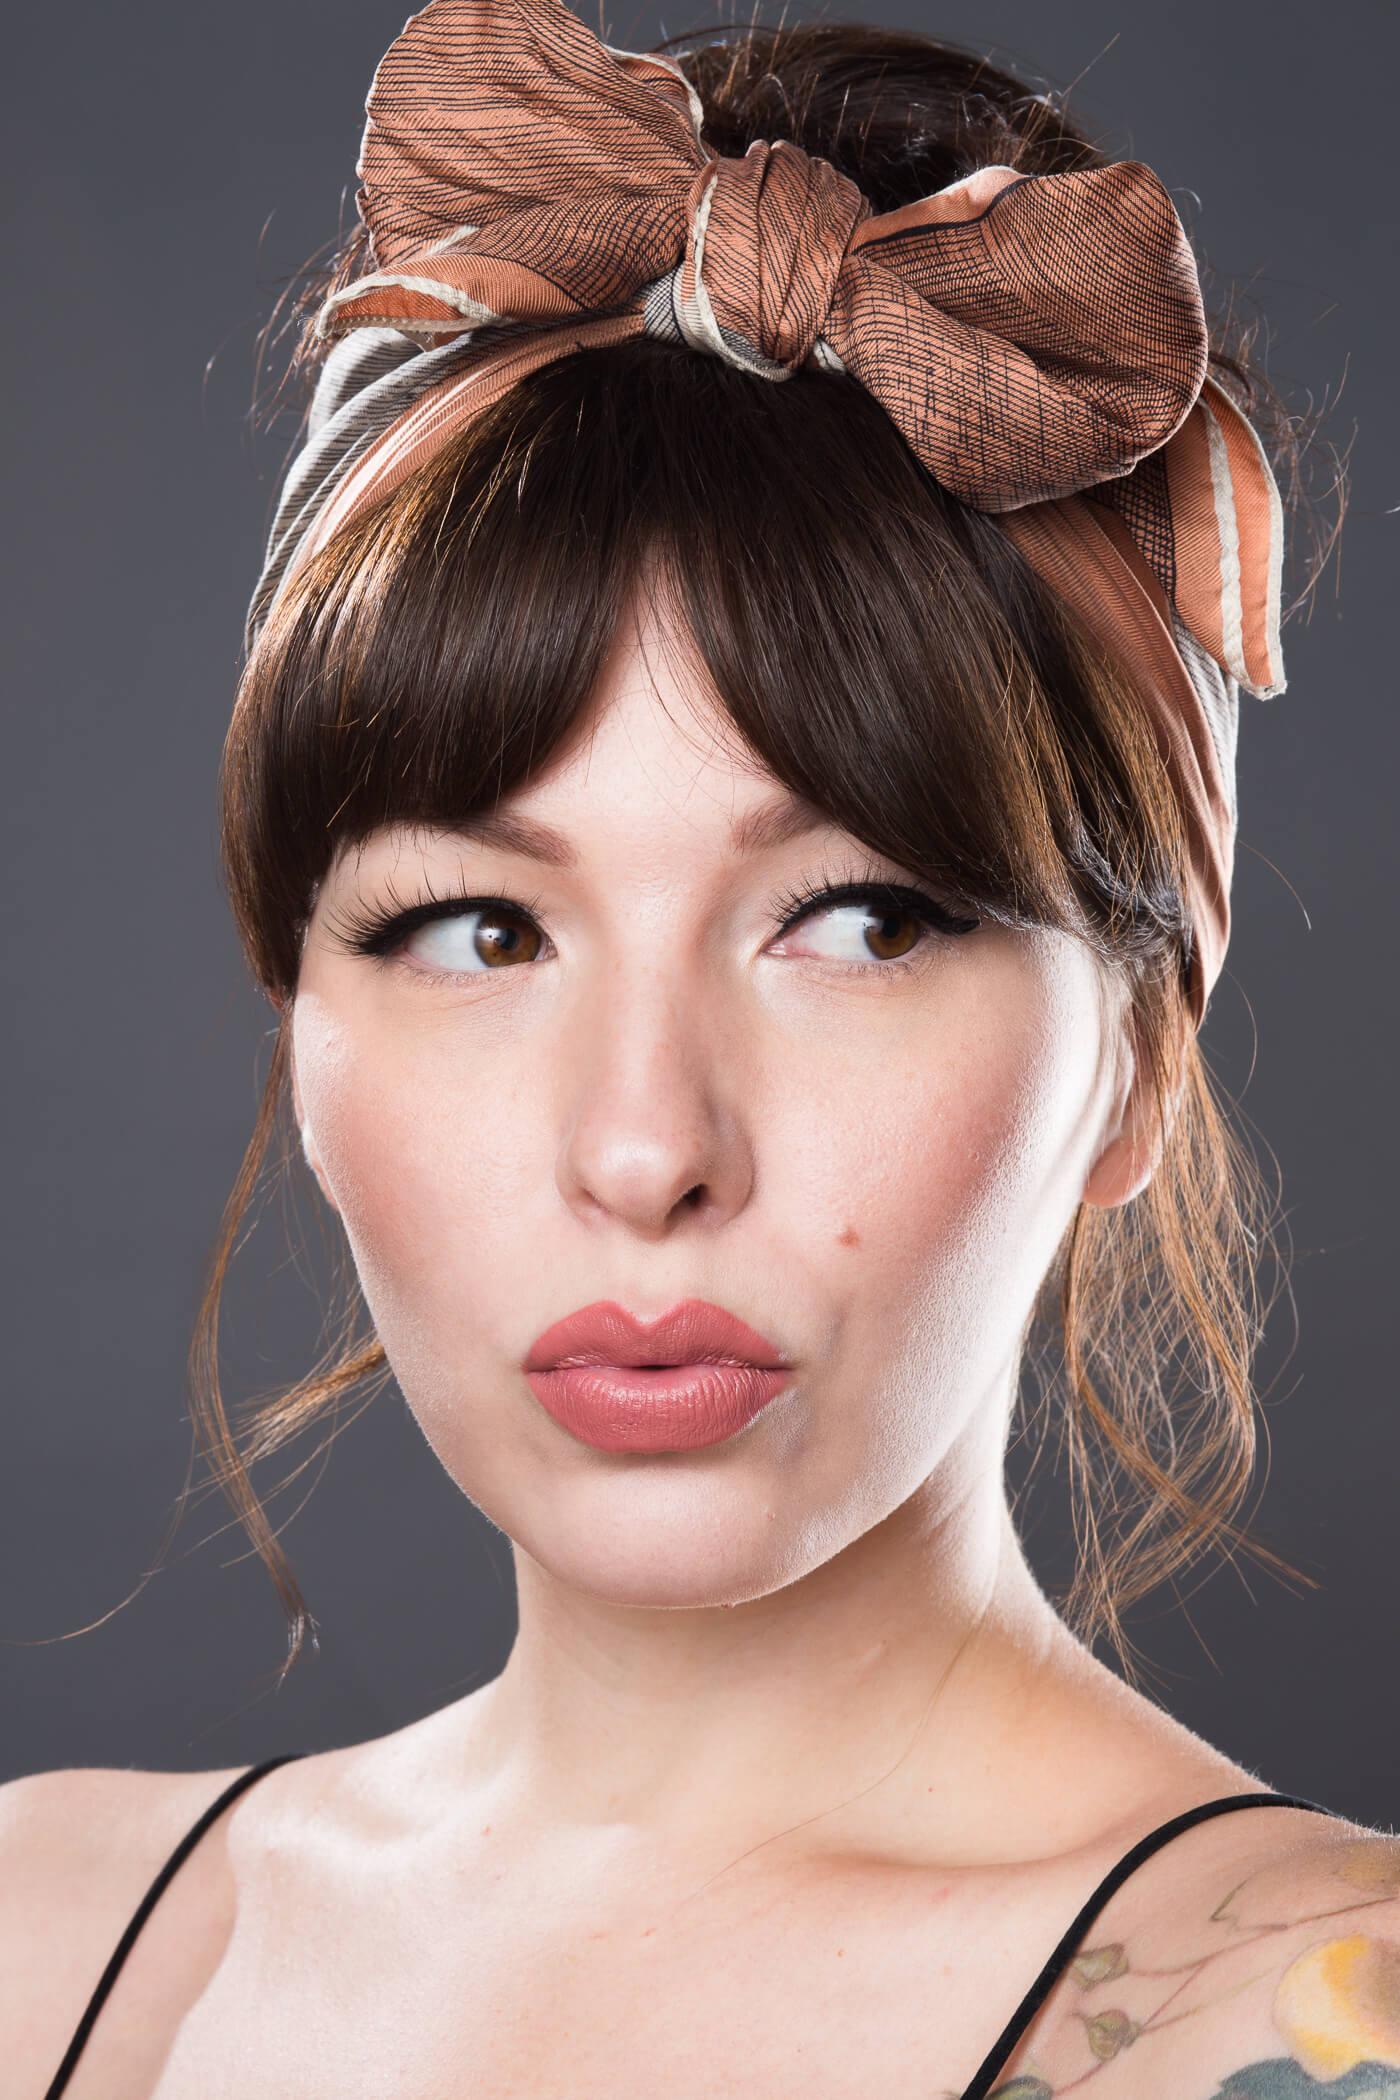 100% pure lipstick swatches Cocoa Butter Matte Lipstick in Cassia